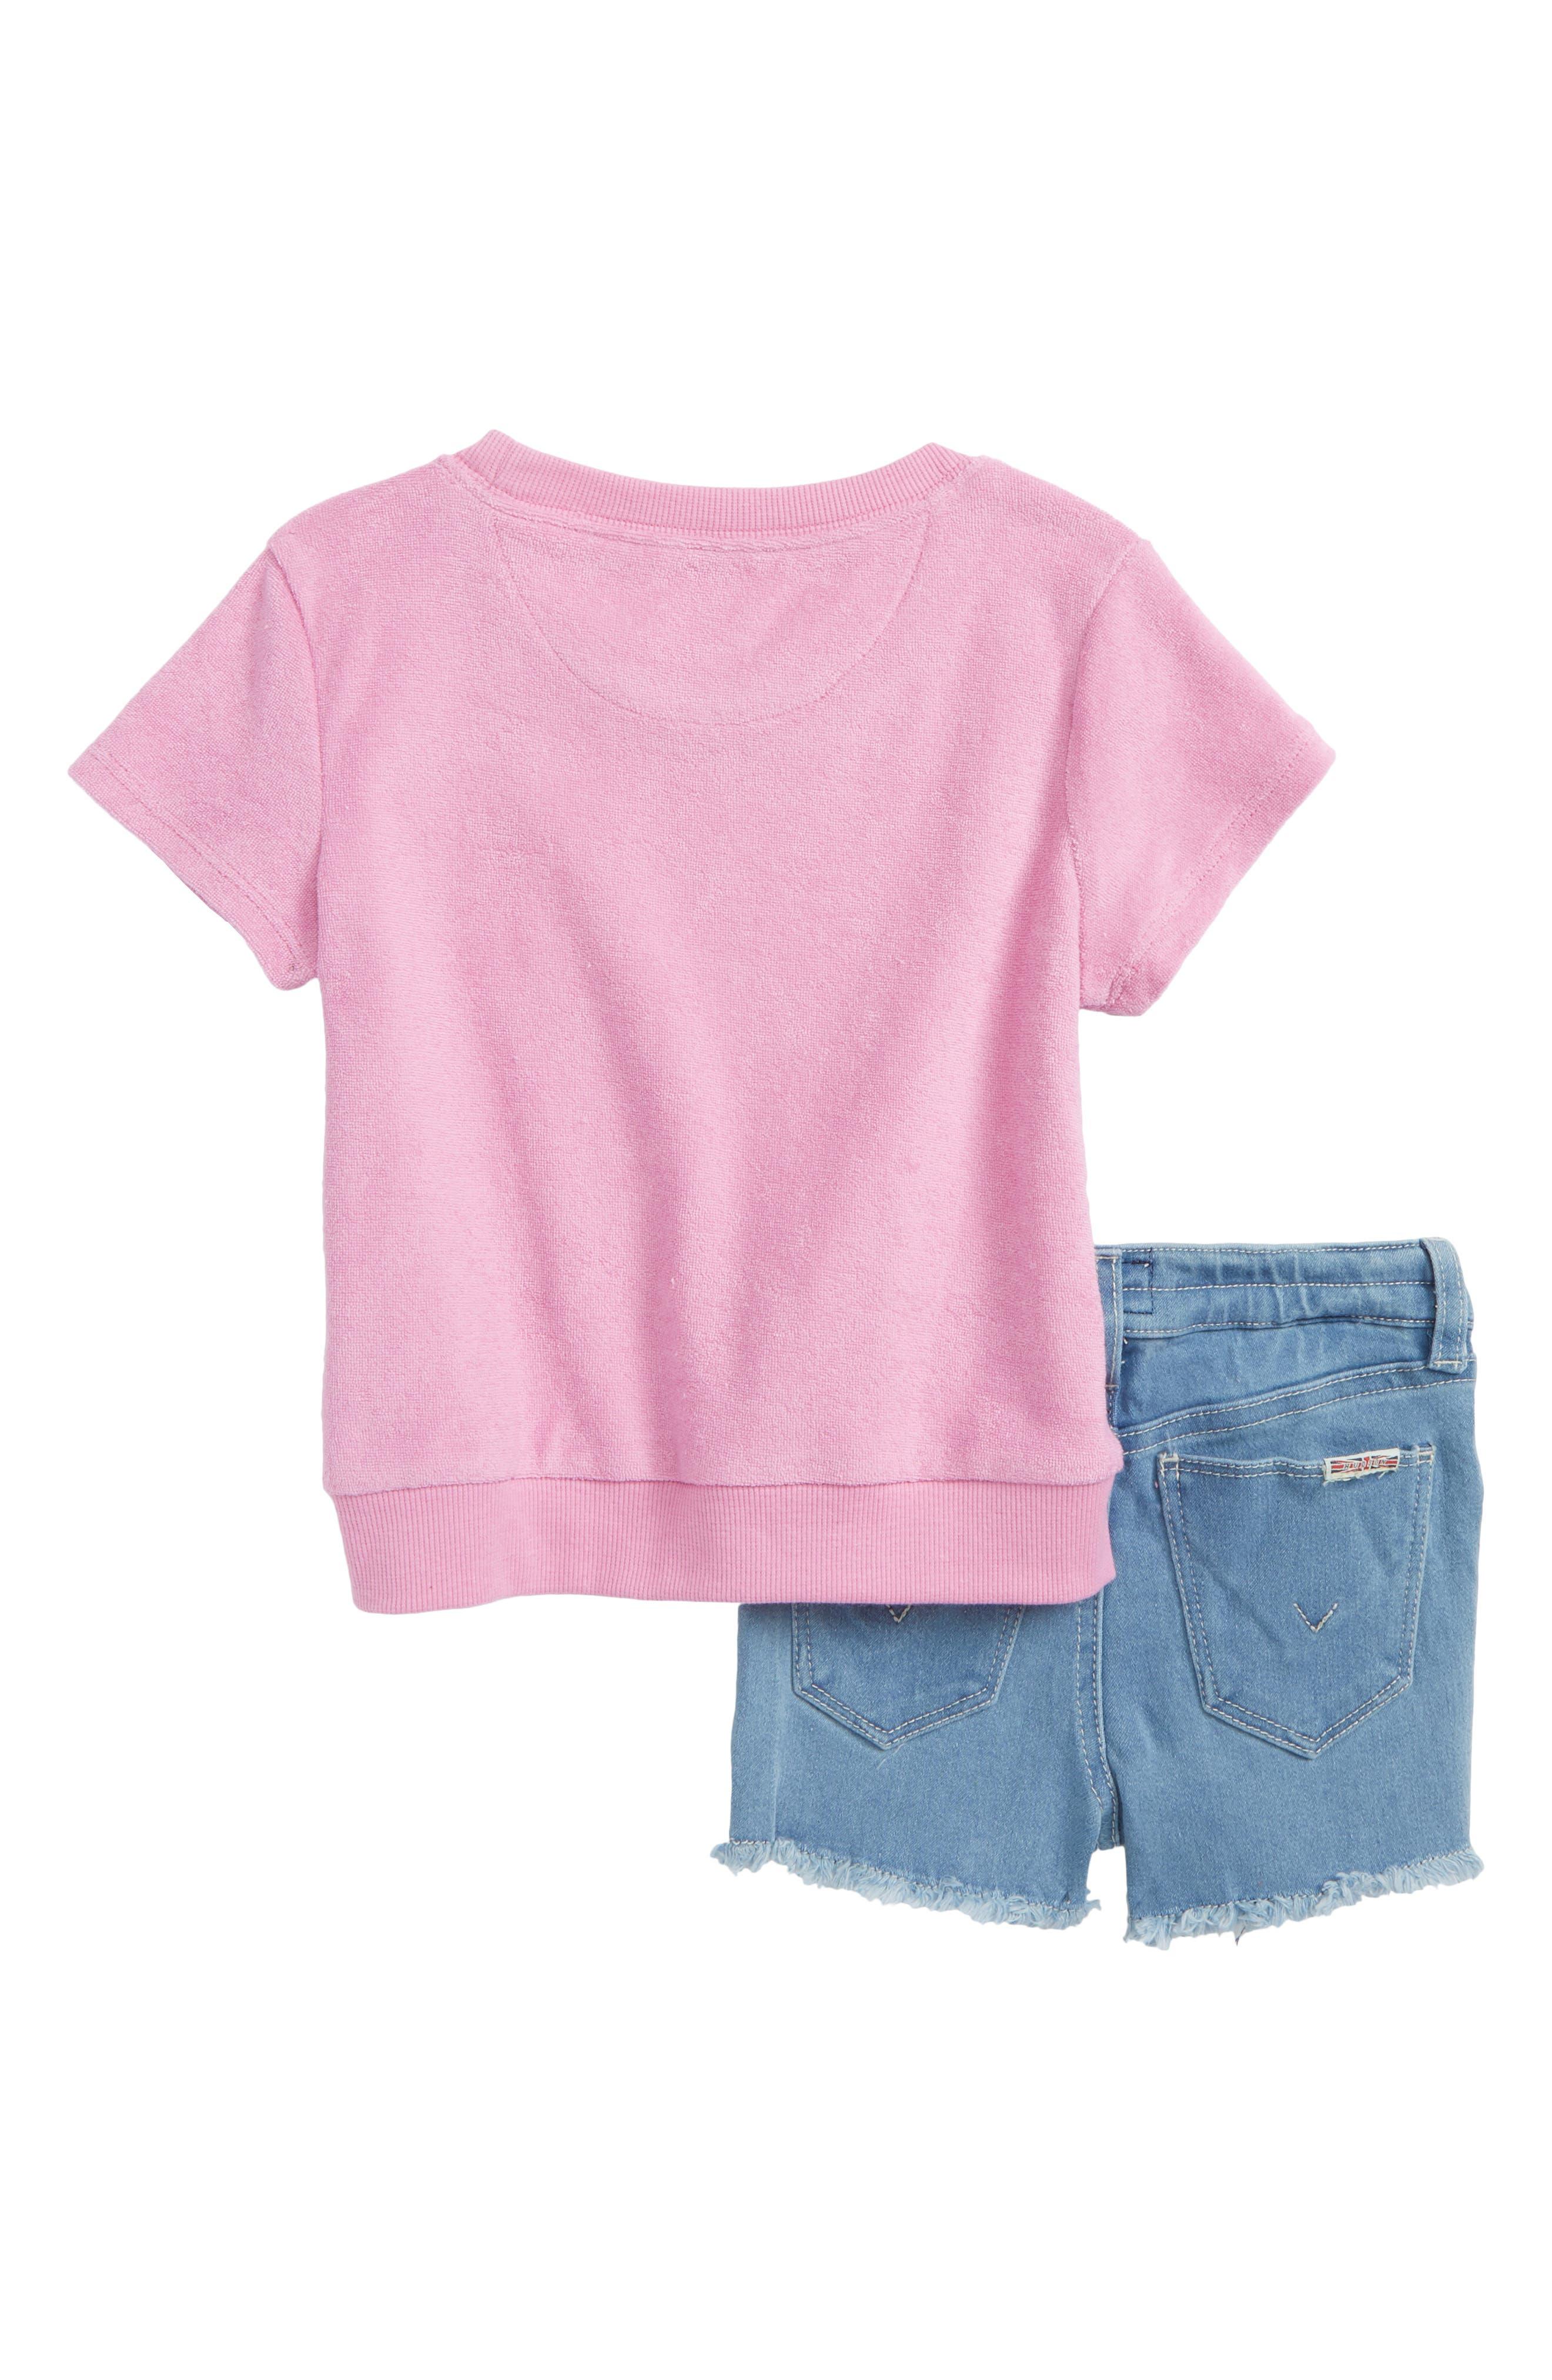 Alternate Image 2  - Hudson Kids French Terry Tee & Shorts Set (Toddler Girls)